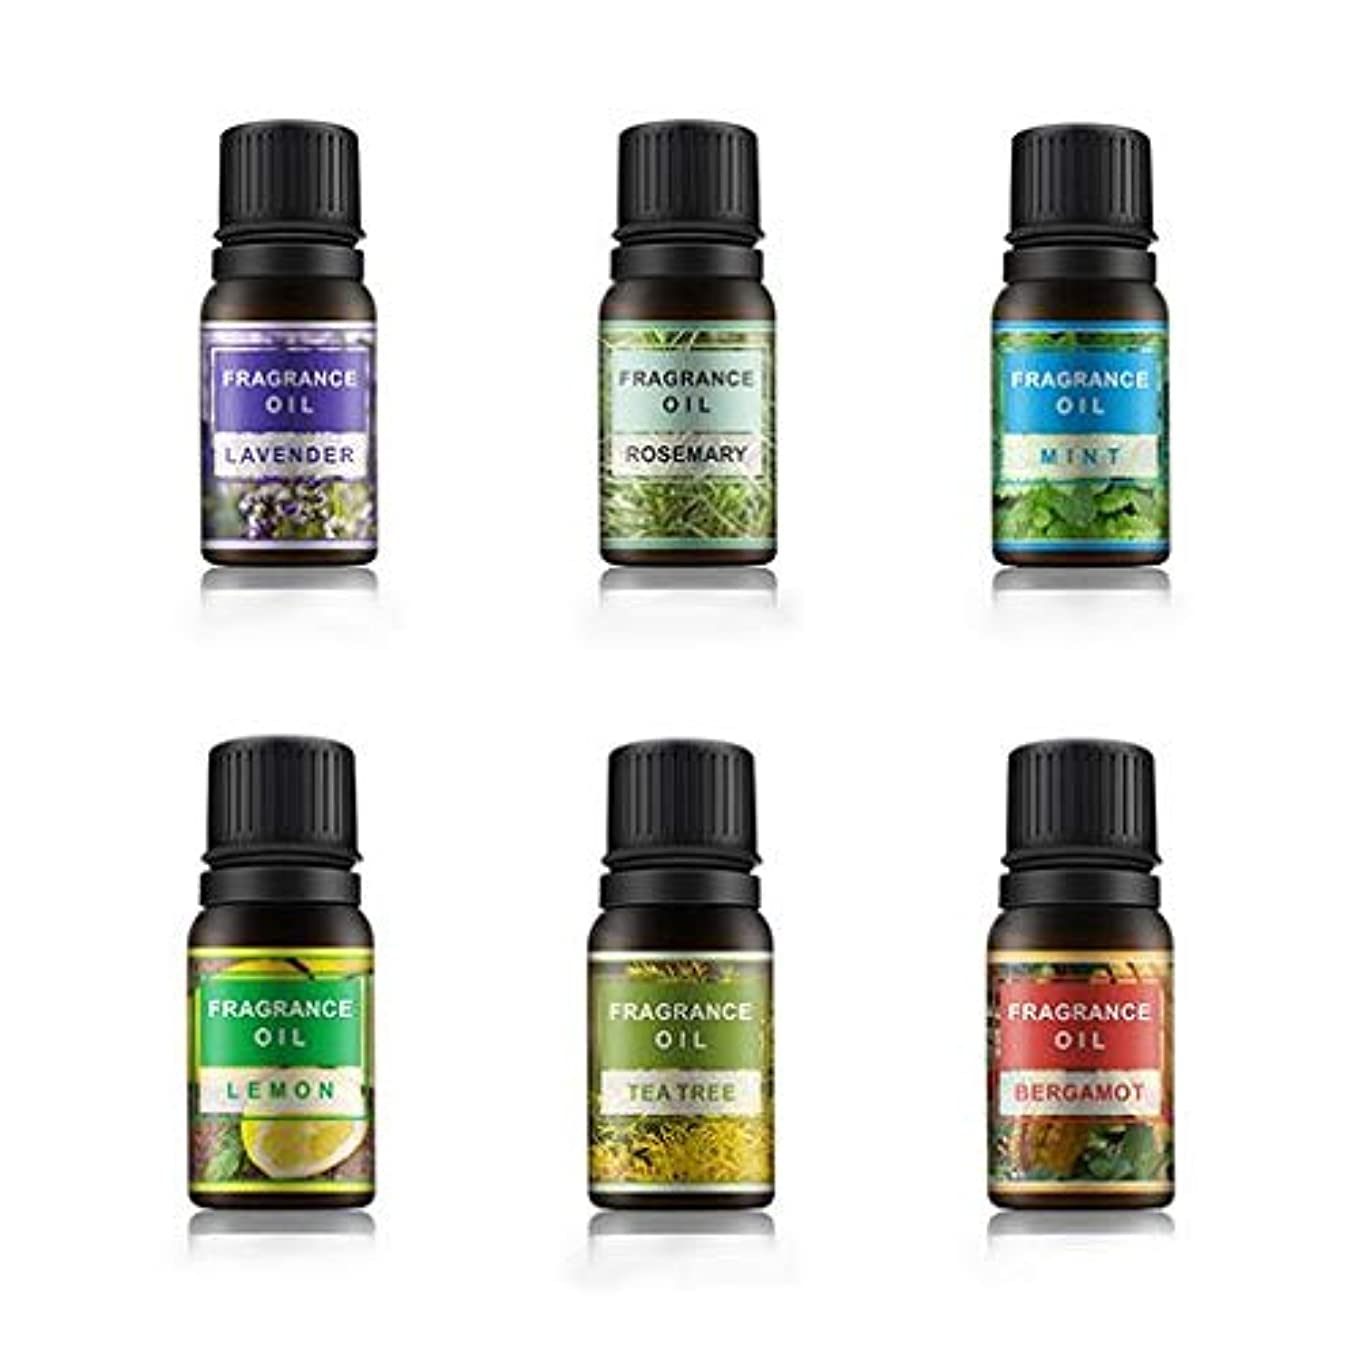 かび臭いマウント補償Lioncorek エッセンシャルオイル オイル アロマオイル 精油 水溶性 ナチュラル フレグランス 100%純粋 有機植物 加湿器用 6種の香りセット